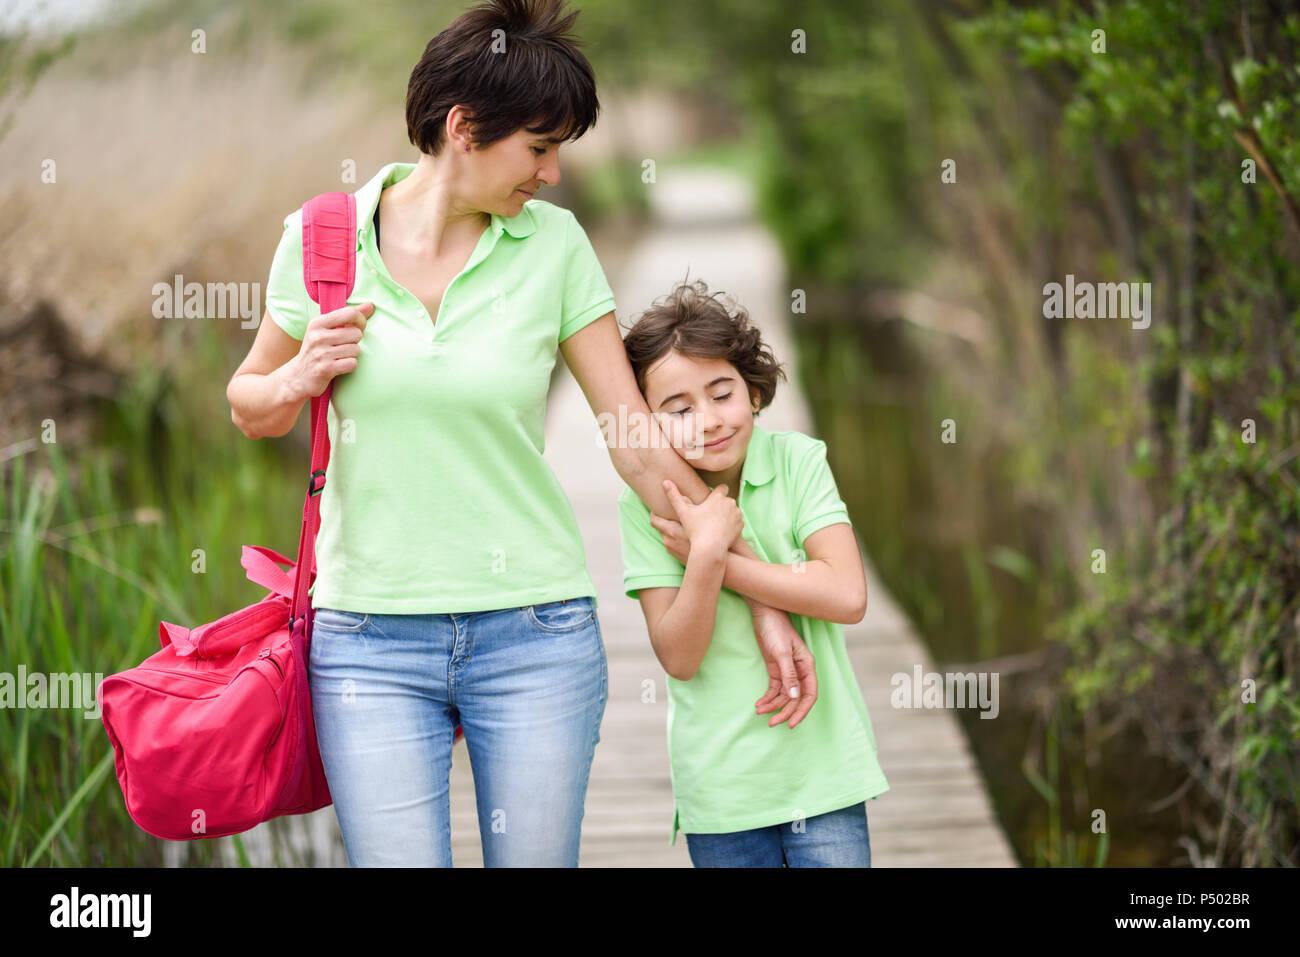 Mère et fille affectueuse marche sur boardwalk Photo Stock